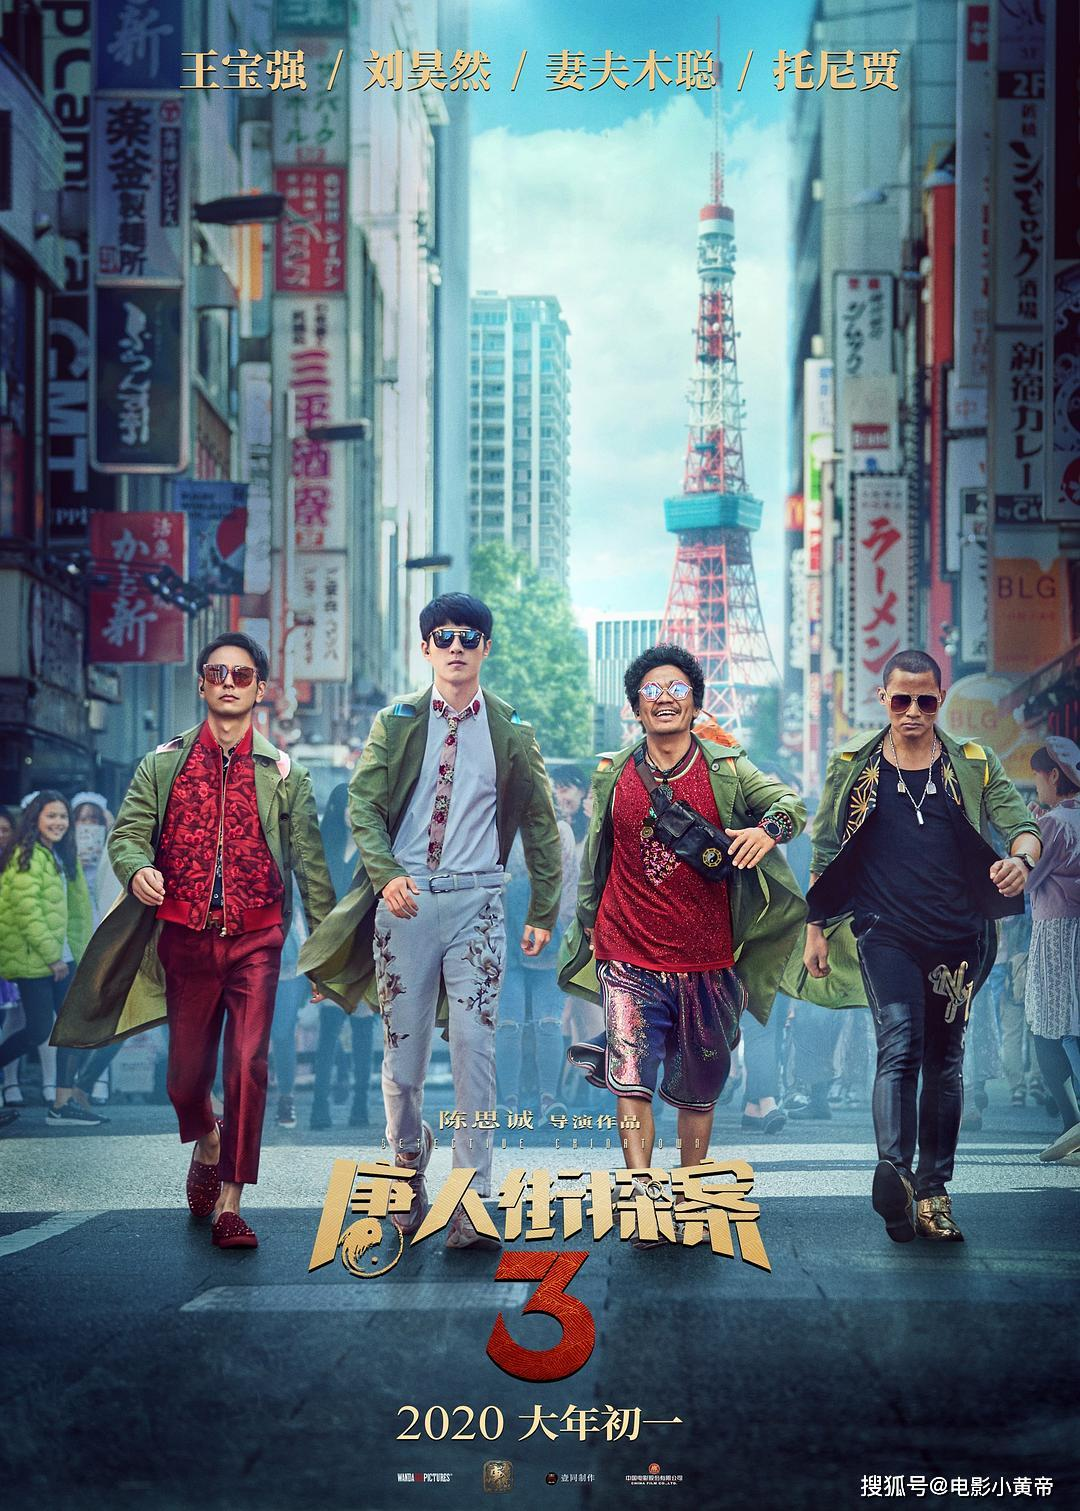 新加坡电影院和酒店将重新开放|中国正在上演